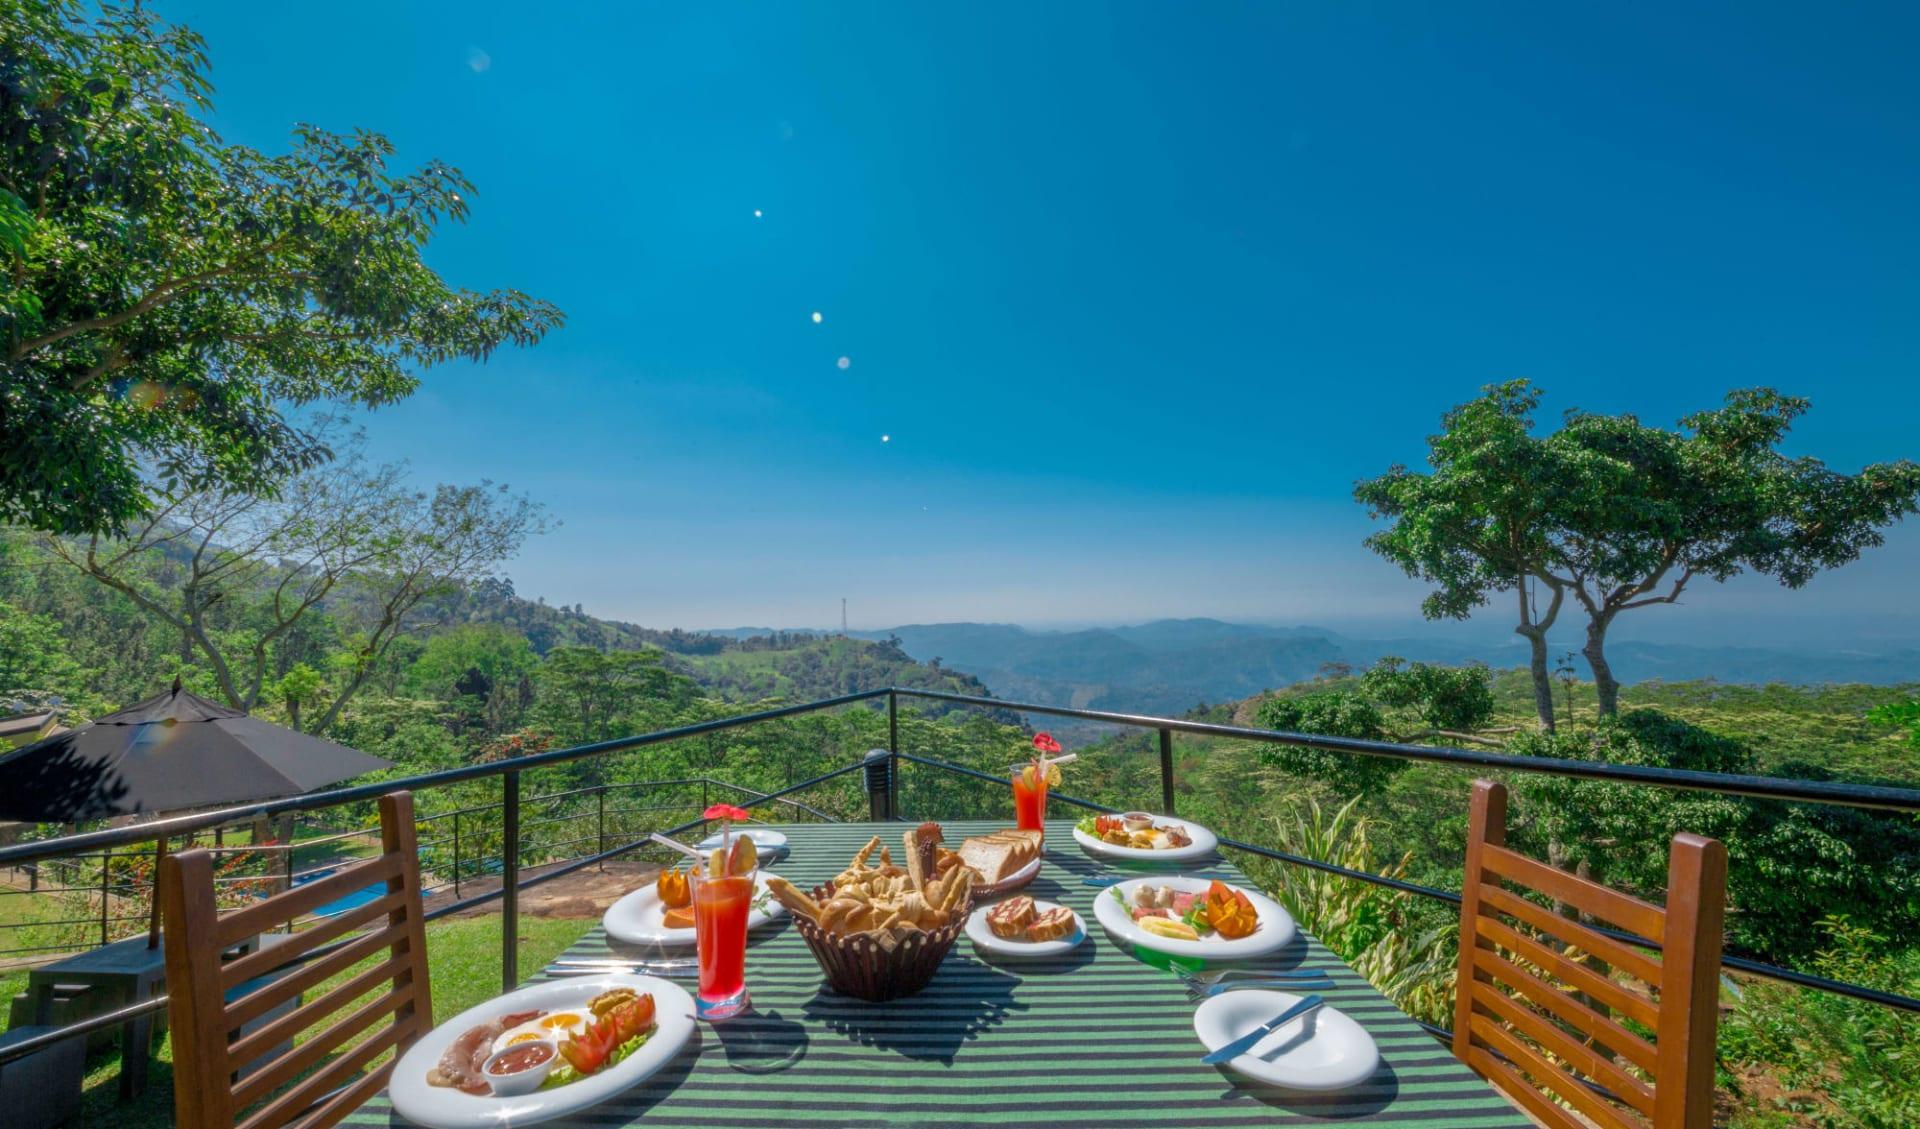 Melheim Resort in Ella, Haputale, Koslanda: Breakfast with a View